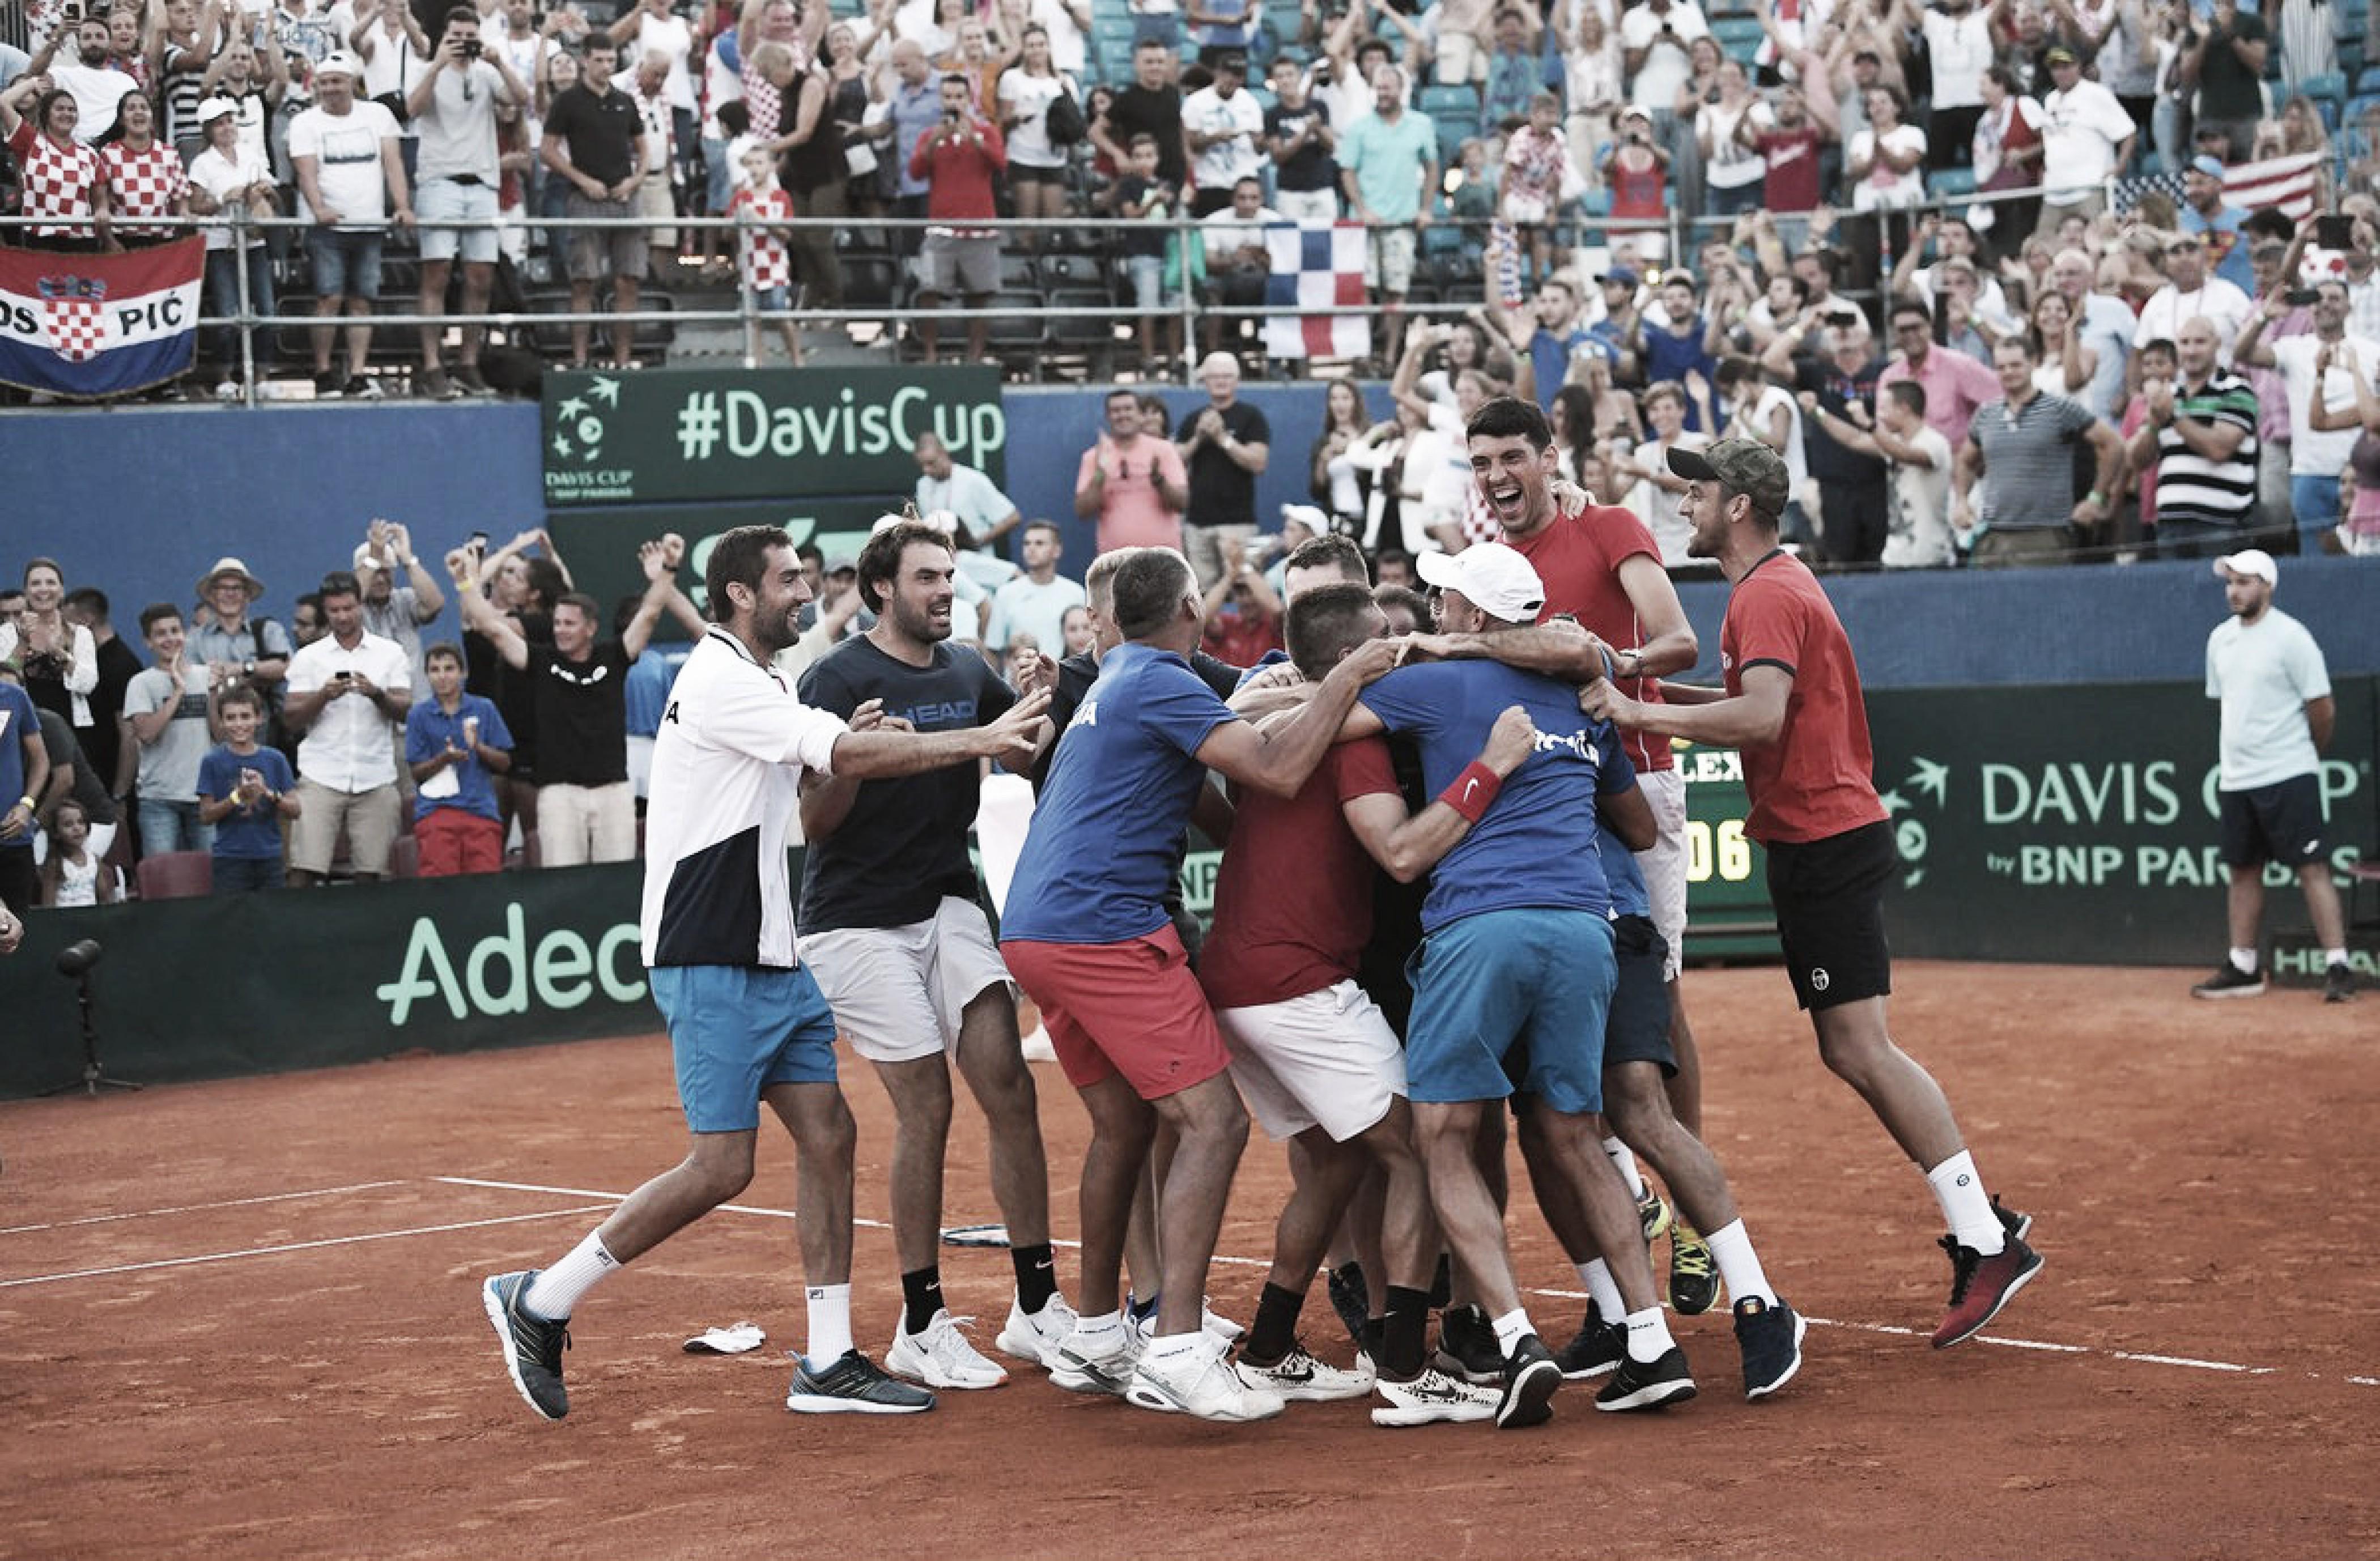 Em jogo épico entre jovens, Coric derrota Tiafoe e coloca Croácia na final da Copa Davis